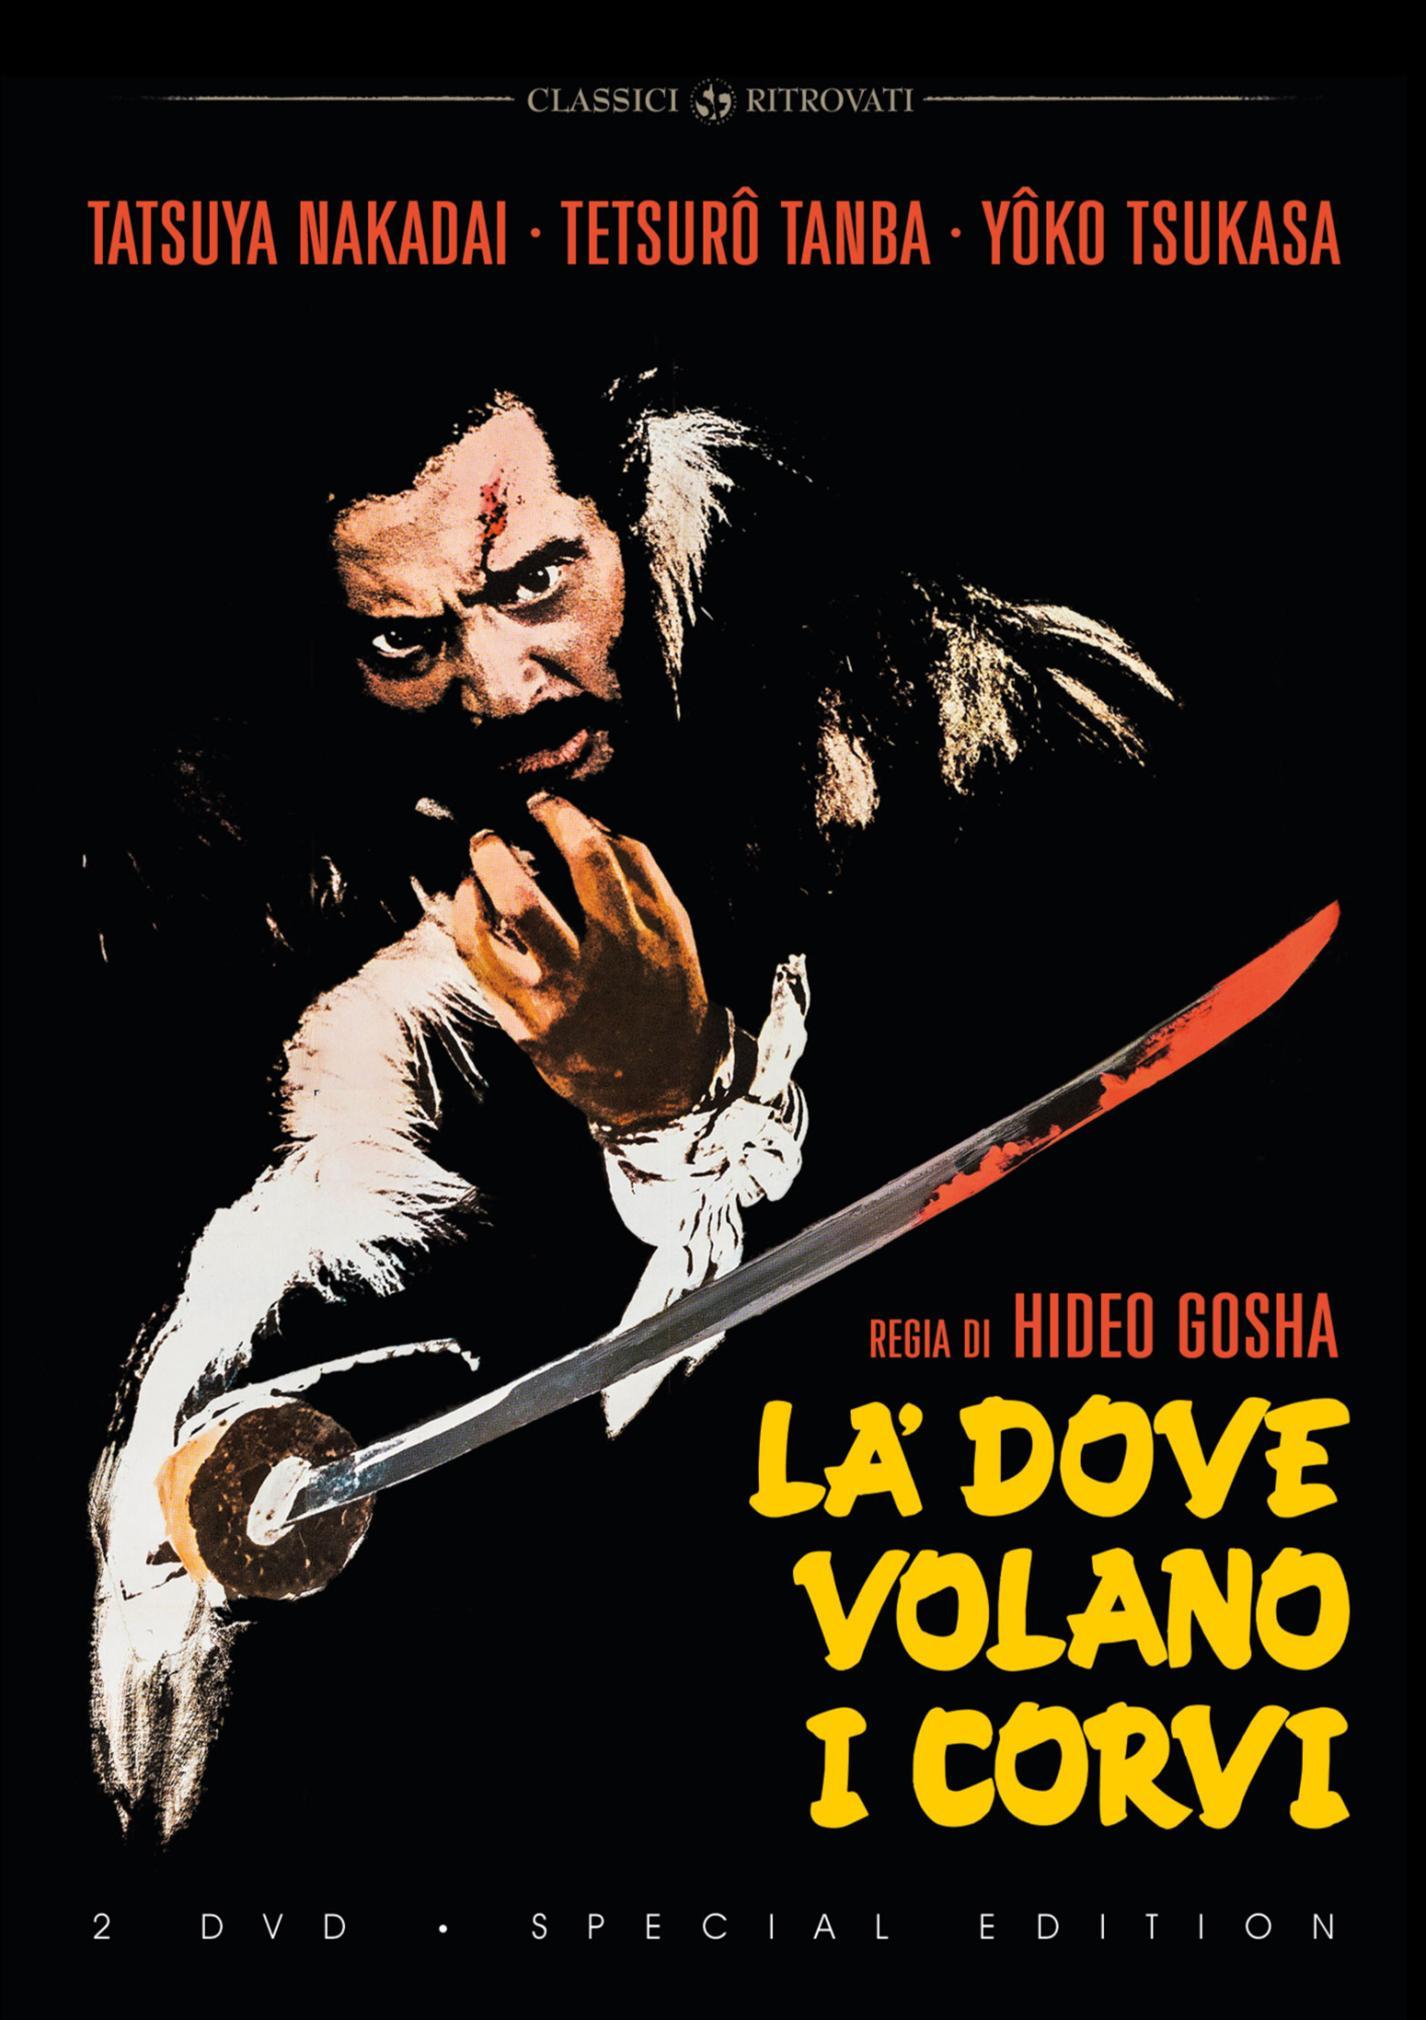 LA' DOVE VOLANO I CORVI (SPECIAL EDITION) (2 DVD) - AUDIO GIAPPI